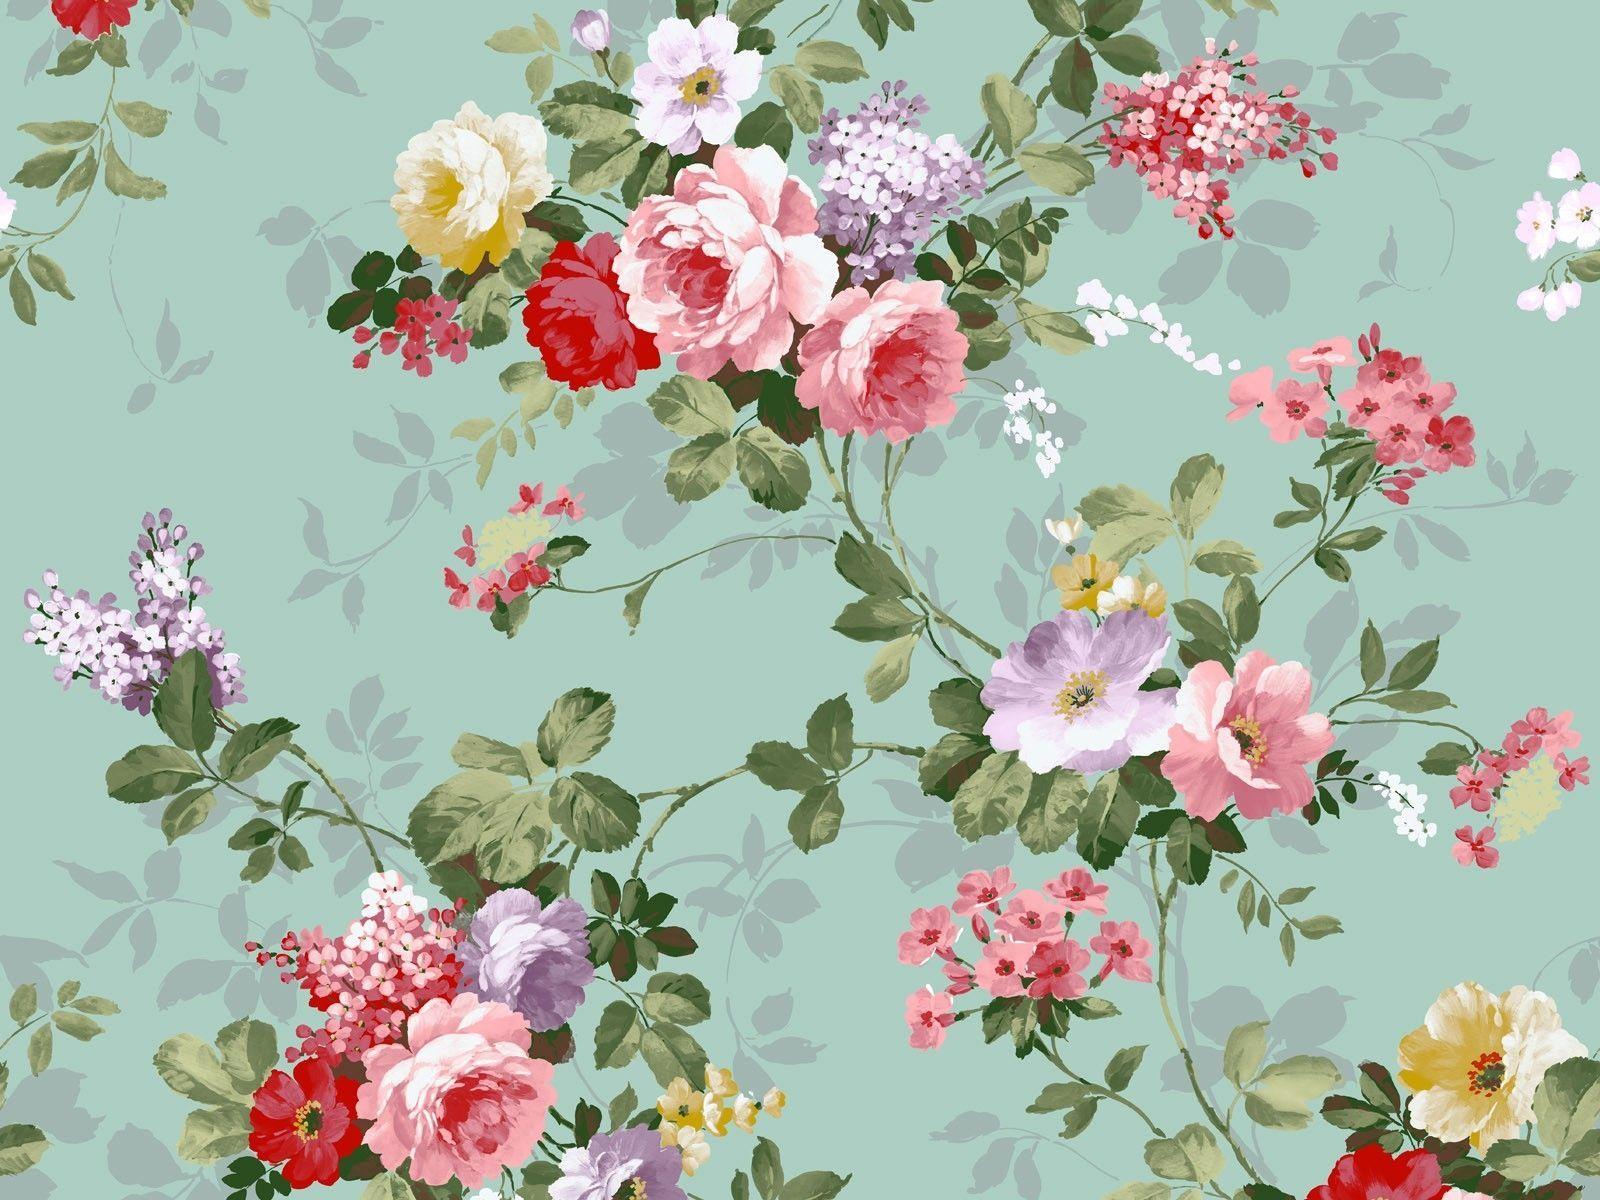 flower wallpaper tumblr 003